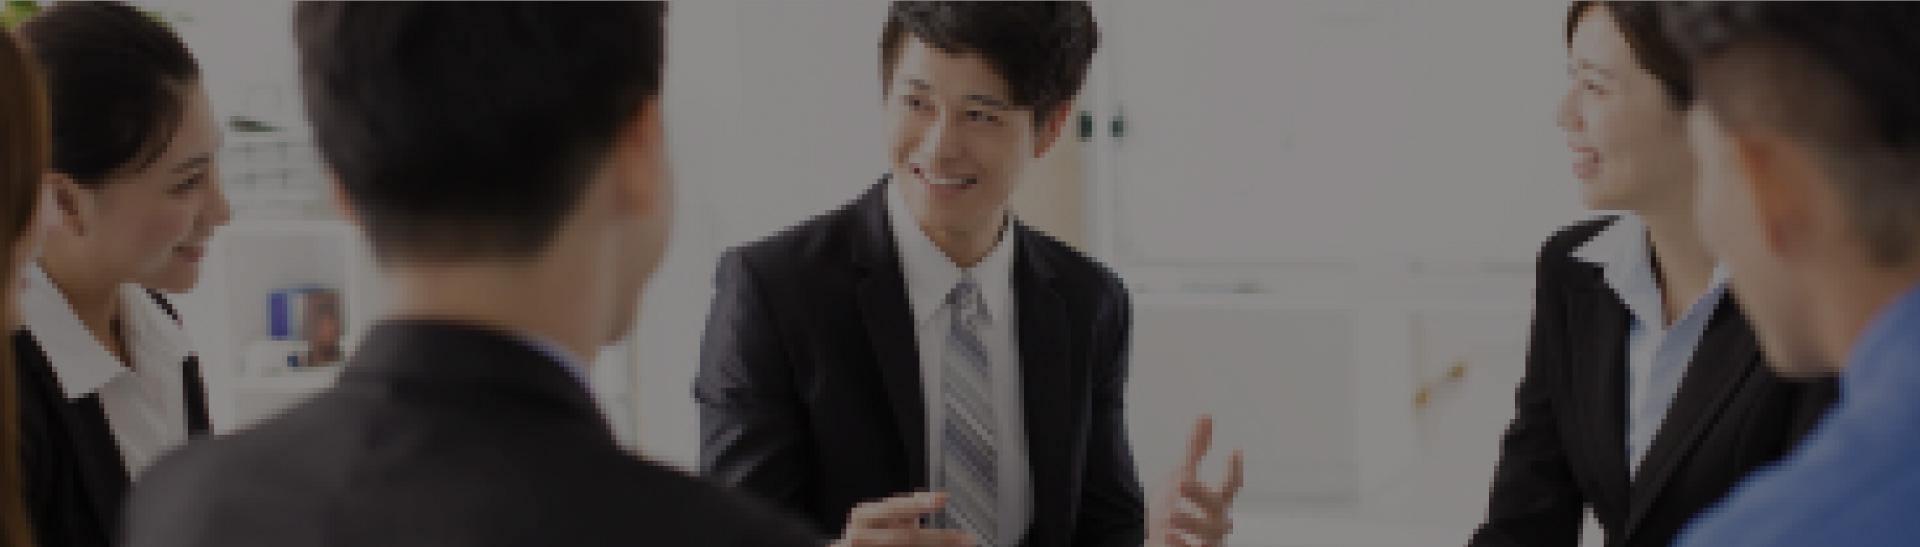 一般社団法人新生アジア